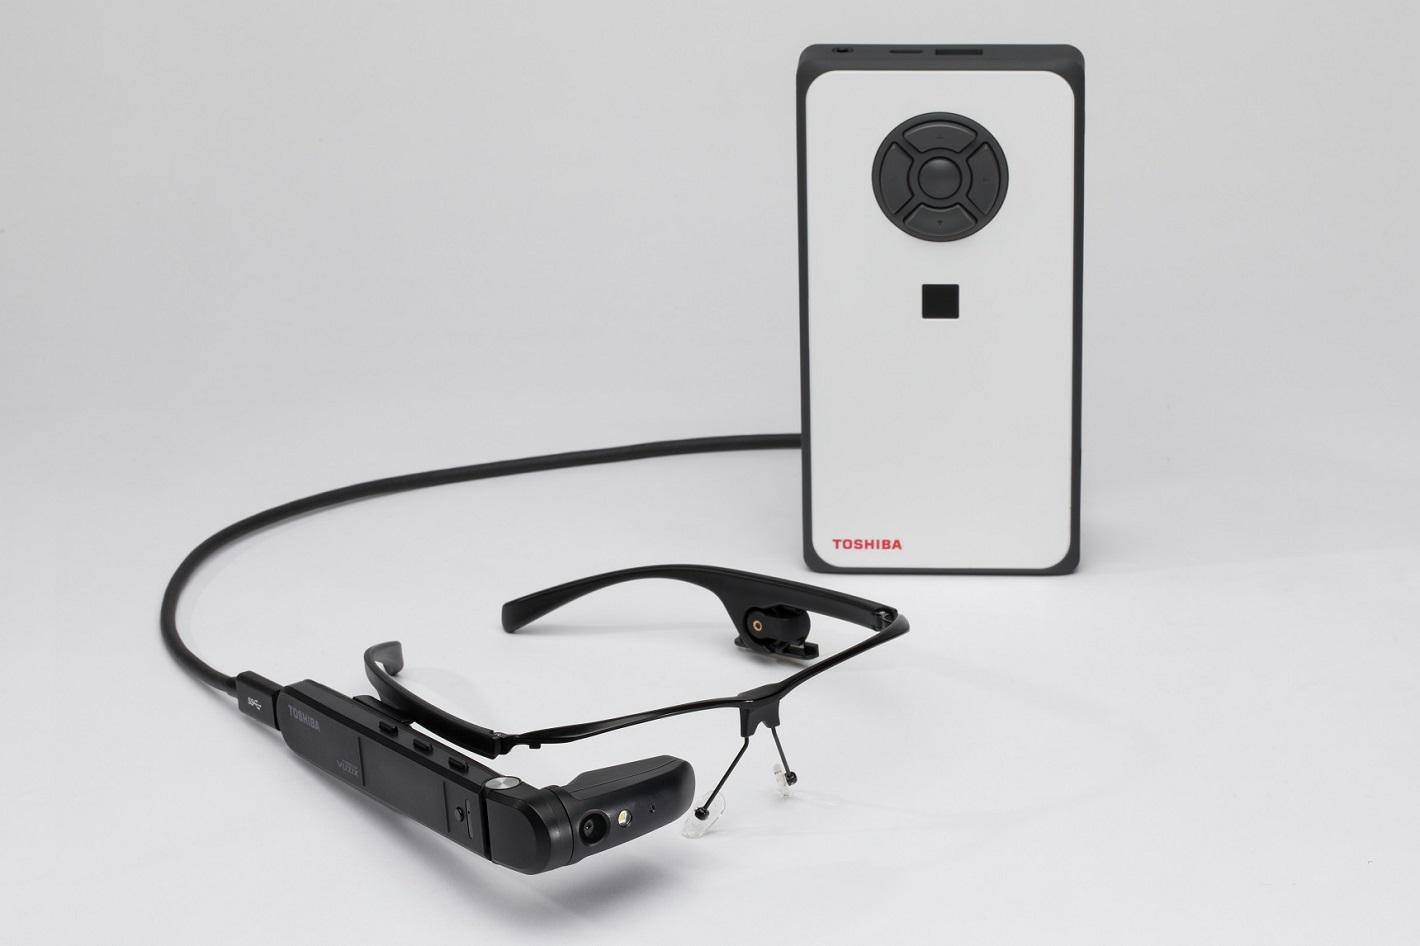 Dynabook stellt mit der Vision DE Suite™ 3.0 erweiterte Funktionen für seine Assisted Reality Smart Glasses-Lösung zur Verfügung